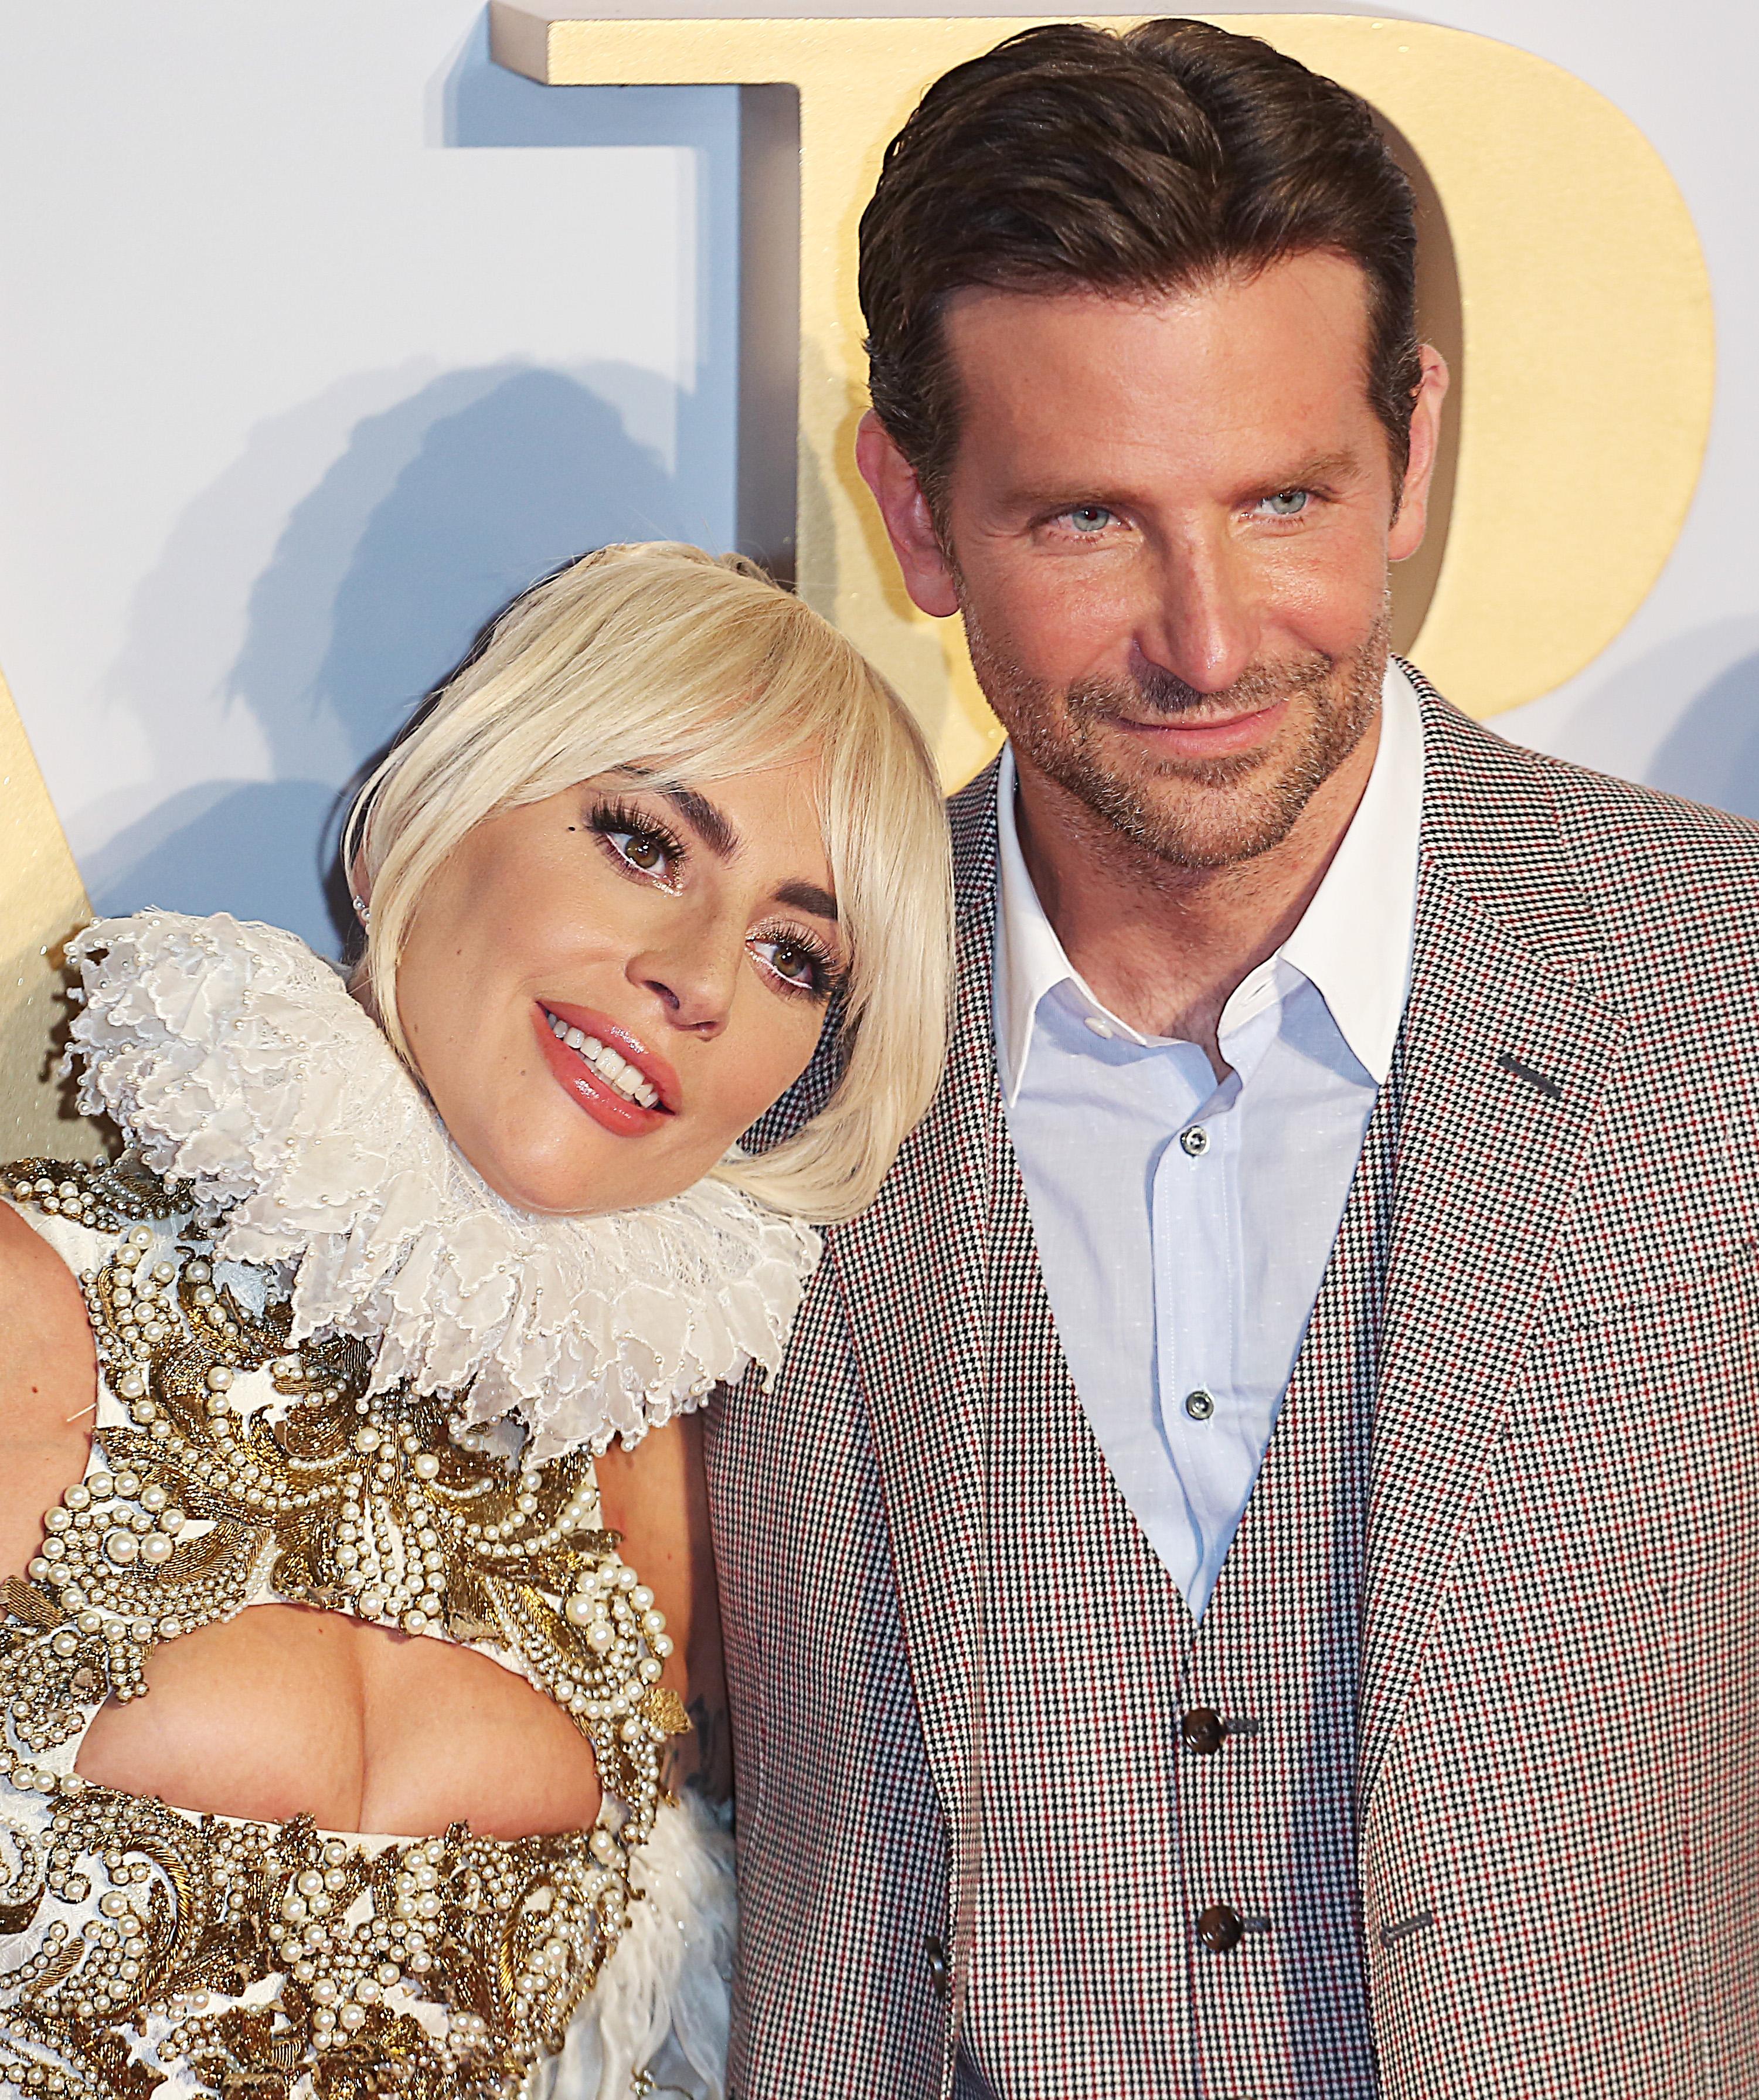 Τα φρύδια της Lady Gaga στο «A star is born» είναι κάτι που πρέπει να συζητήσουμε! | tlife.gr